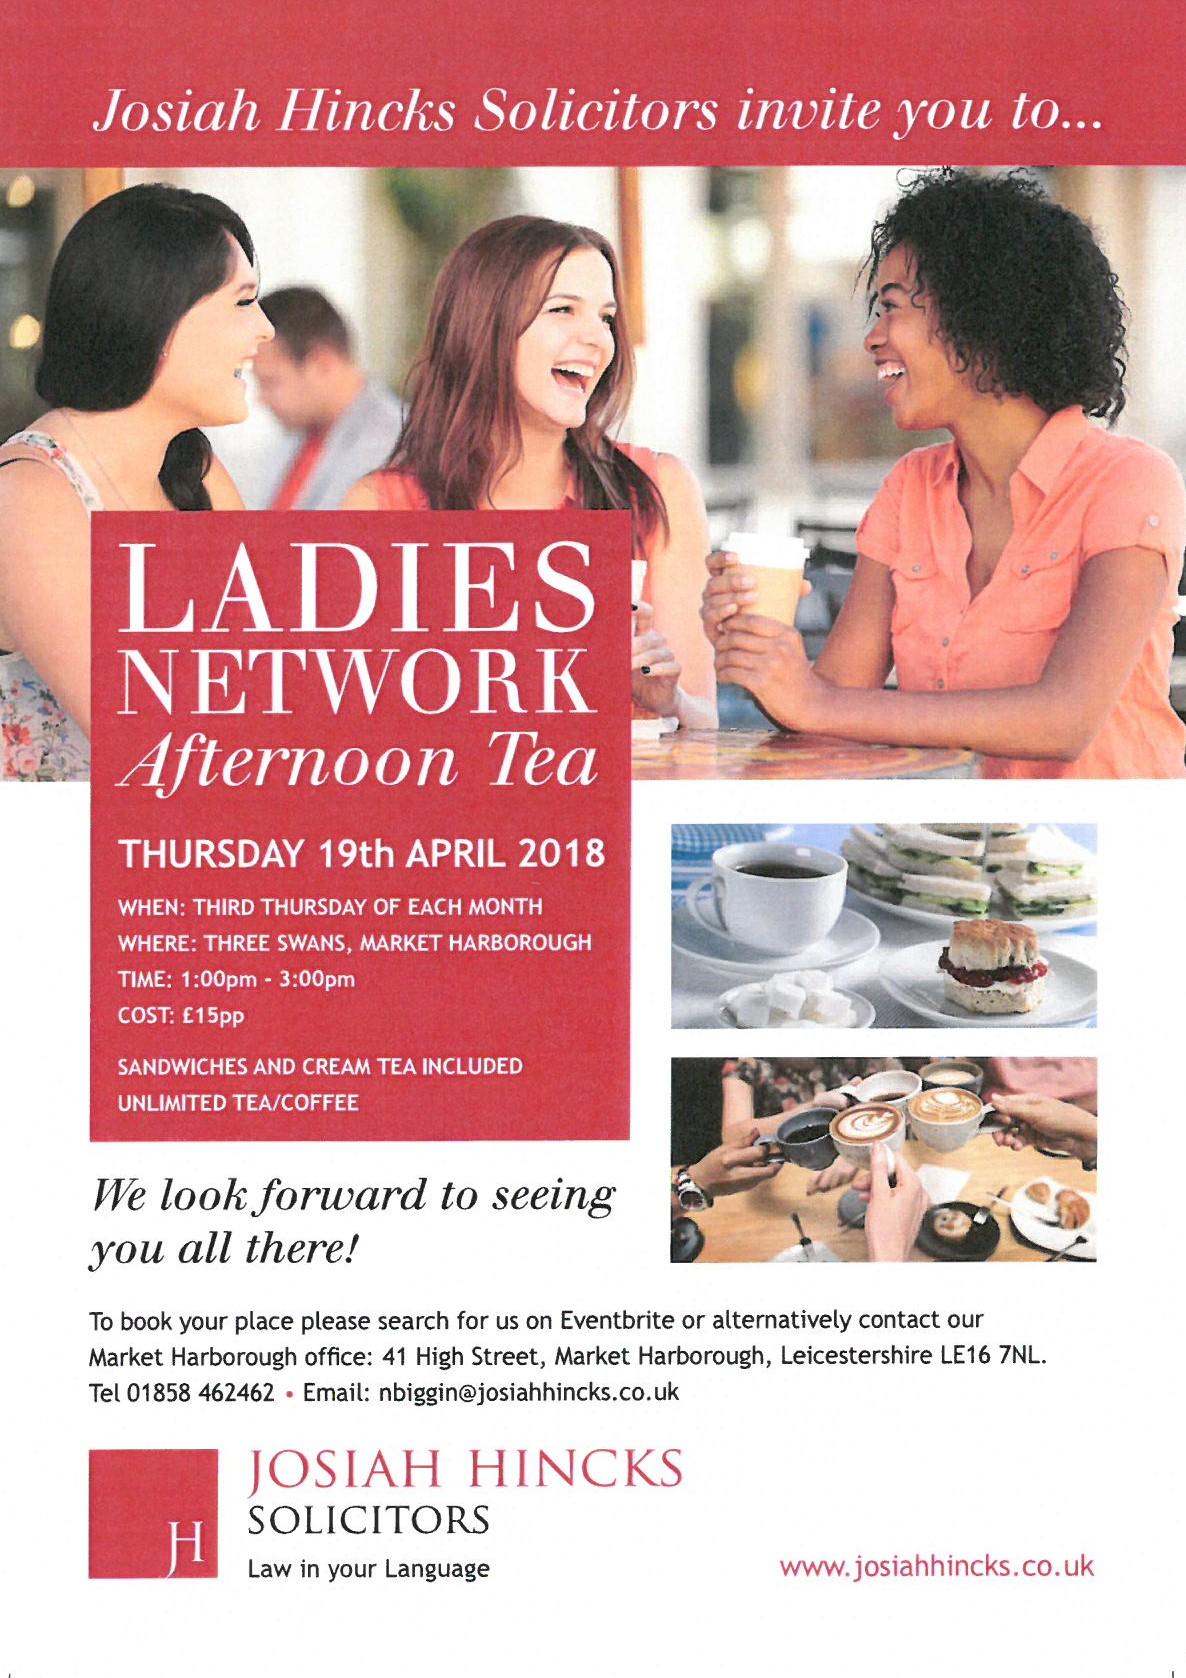 Ladies Network Afternoon Tea